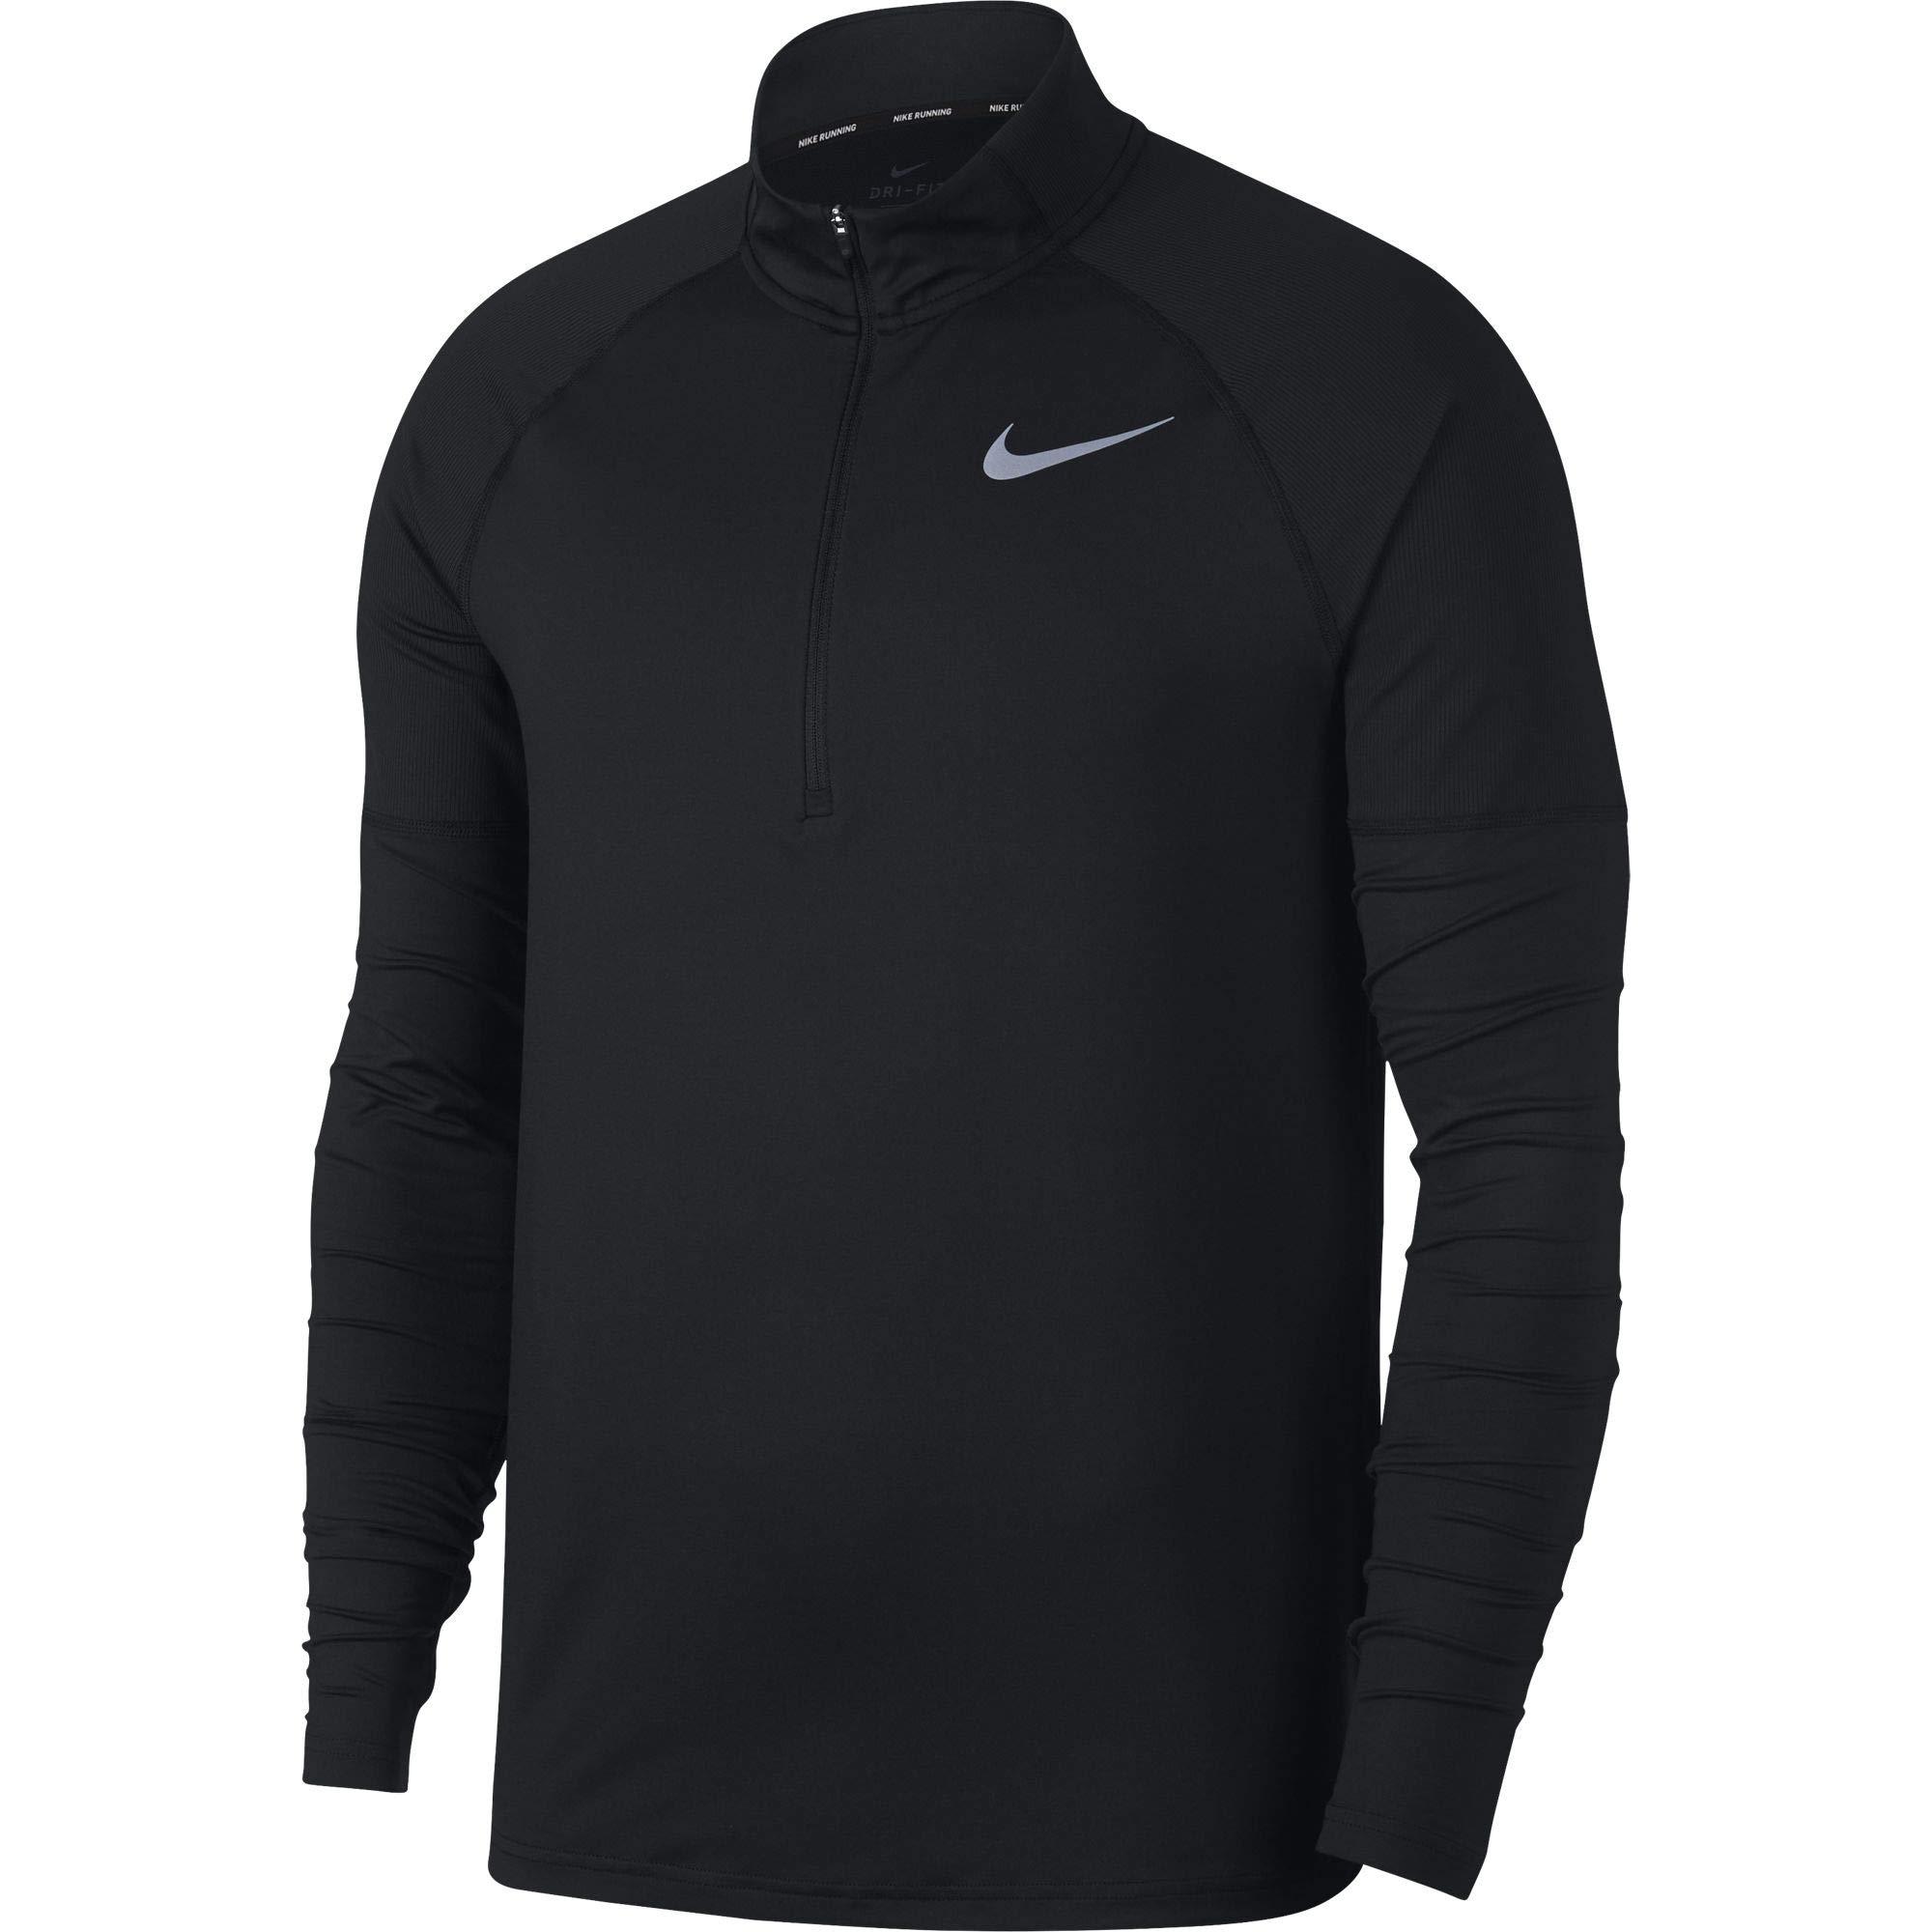 Nike Men's Element 1/2 Zip Running Top Black Size Medium by Nike (Image #1)